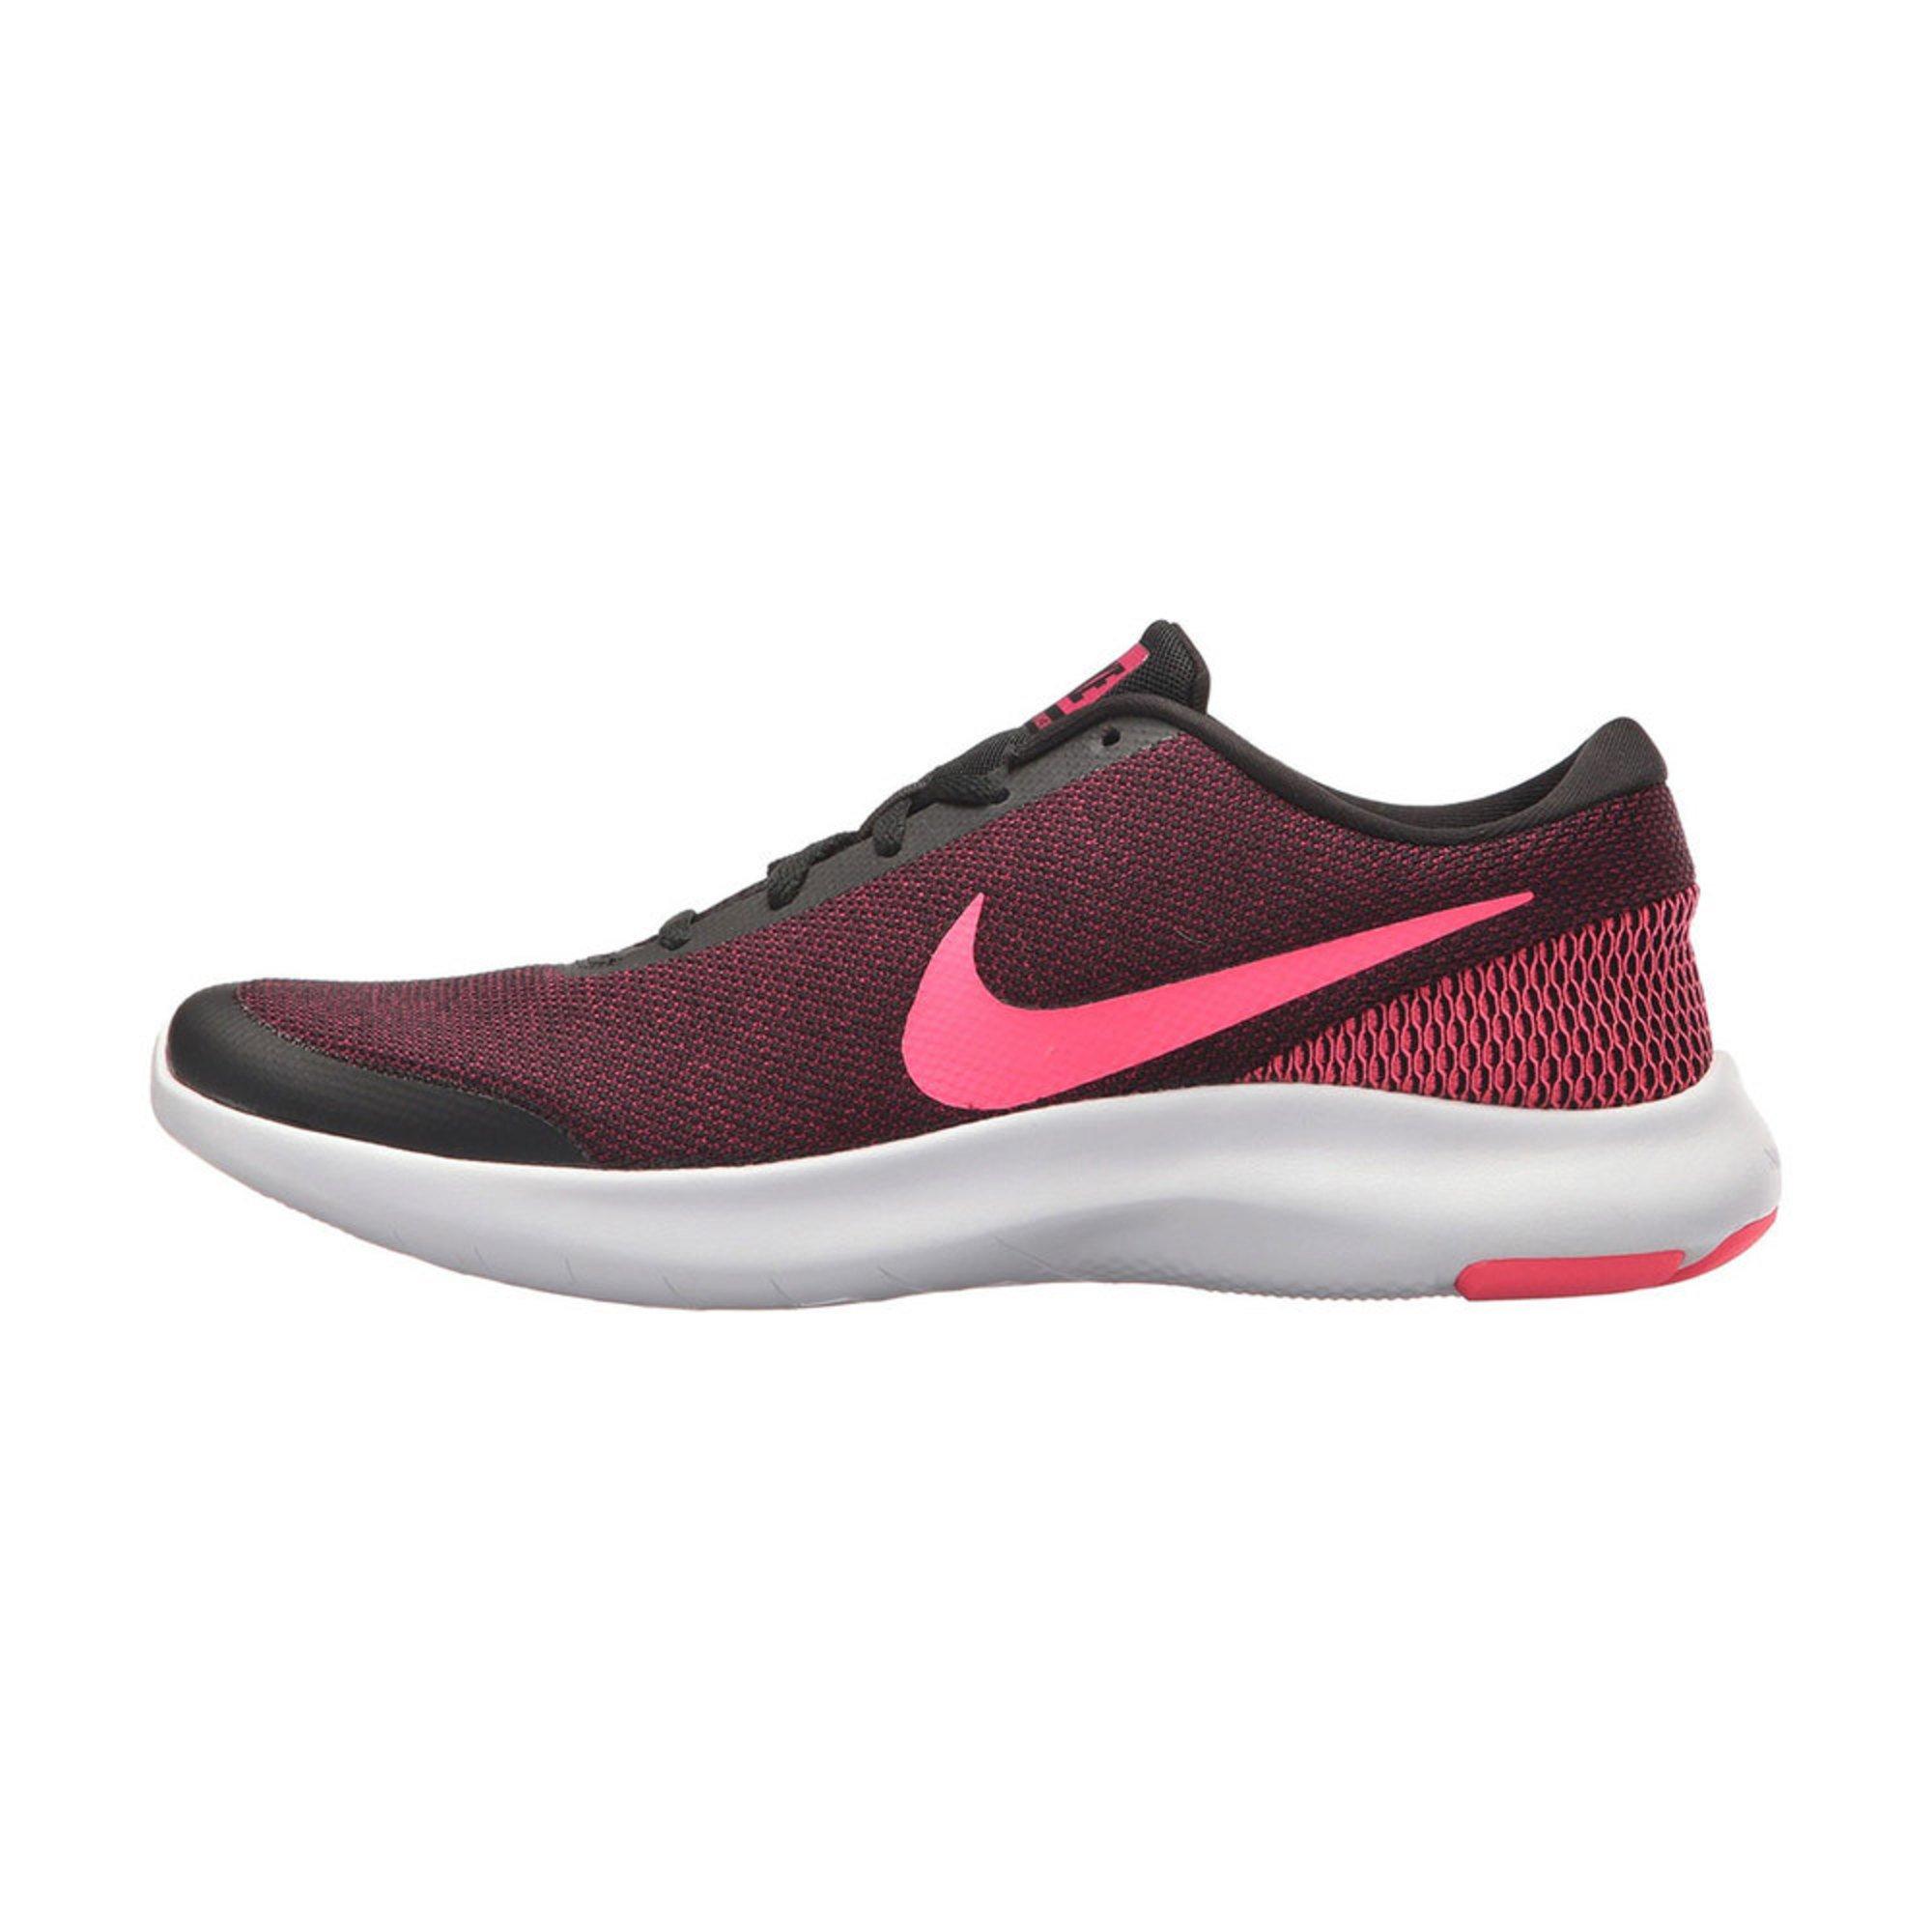 9cce33d8b23e Nike. Nike Women s Flex Experience RN 7 Running Shoe